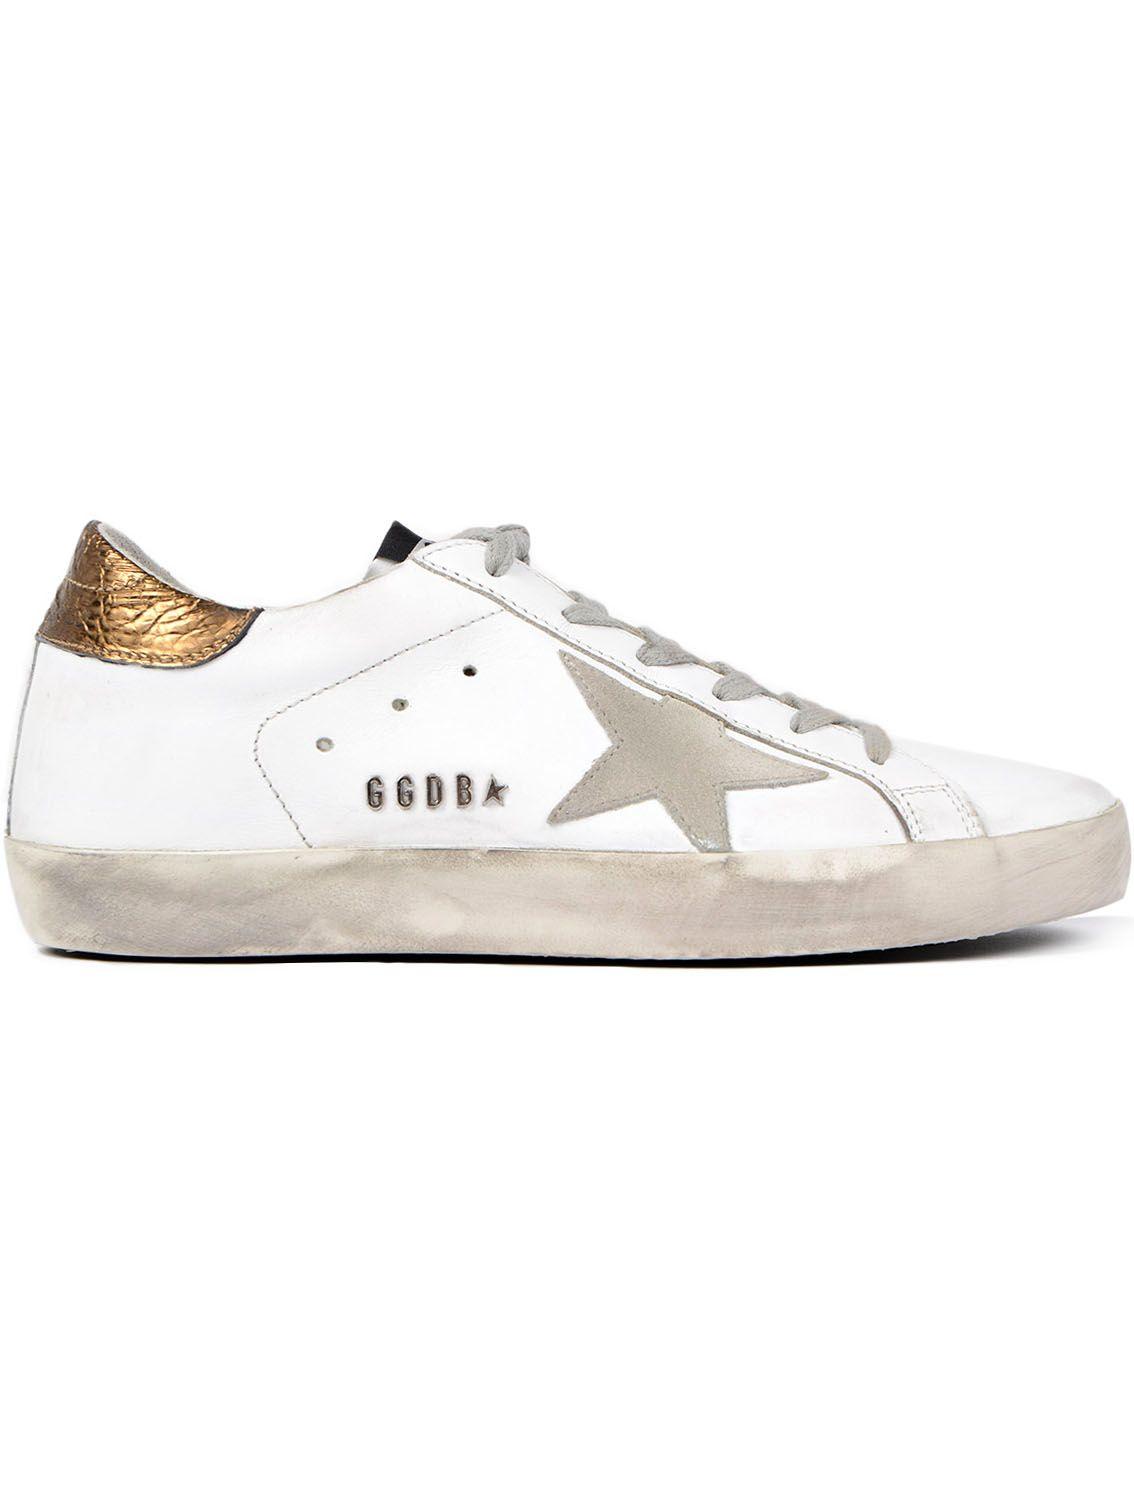 golden goose golden goose metallic superstar sneakers white women 39 s sneakers italist. Black Bedroom Furniture Sets. Home Design Ideas